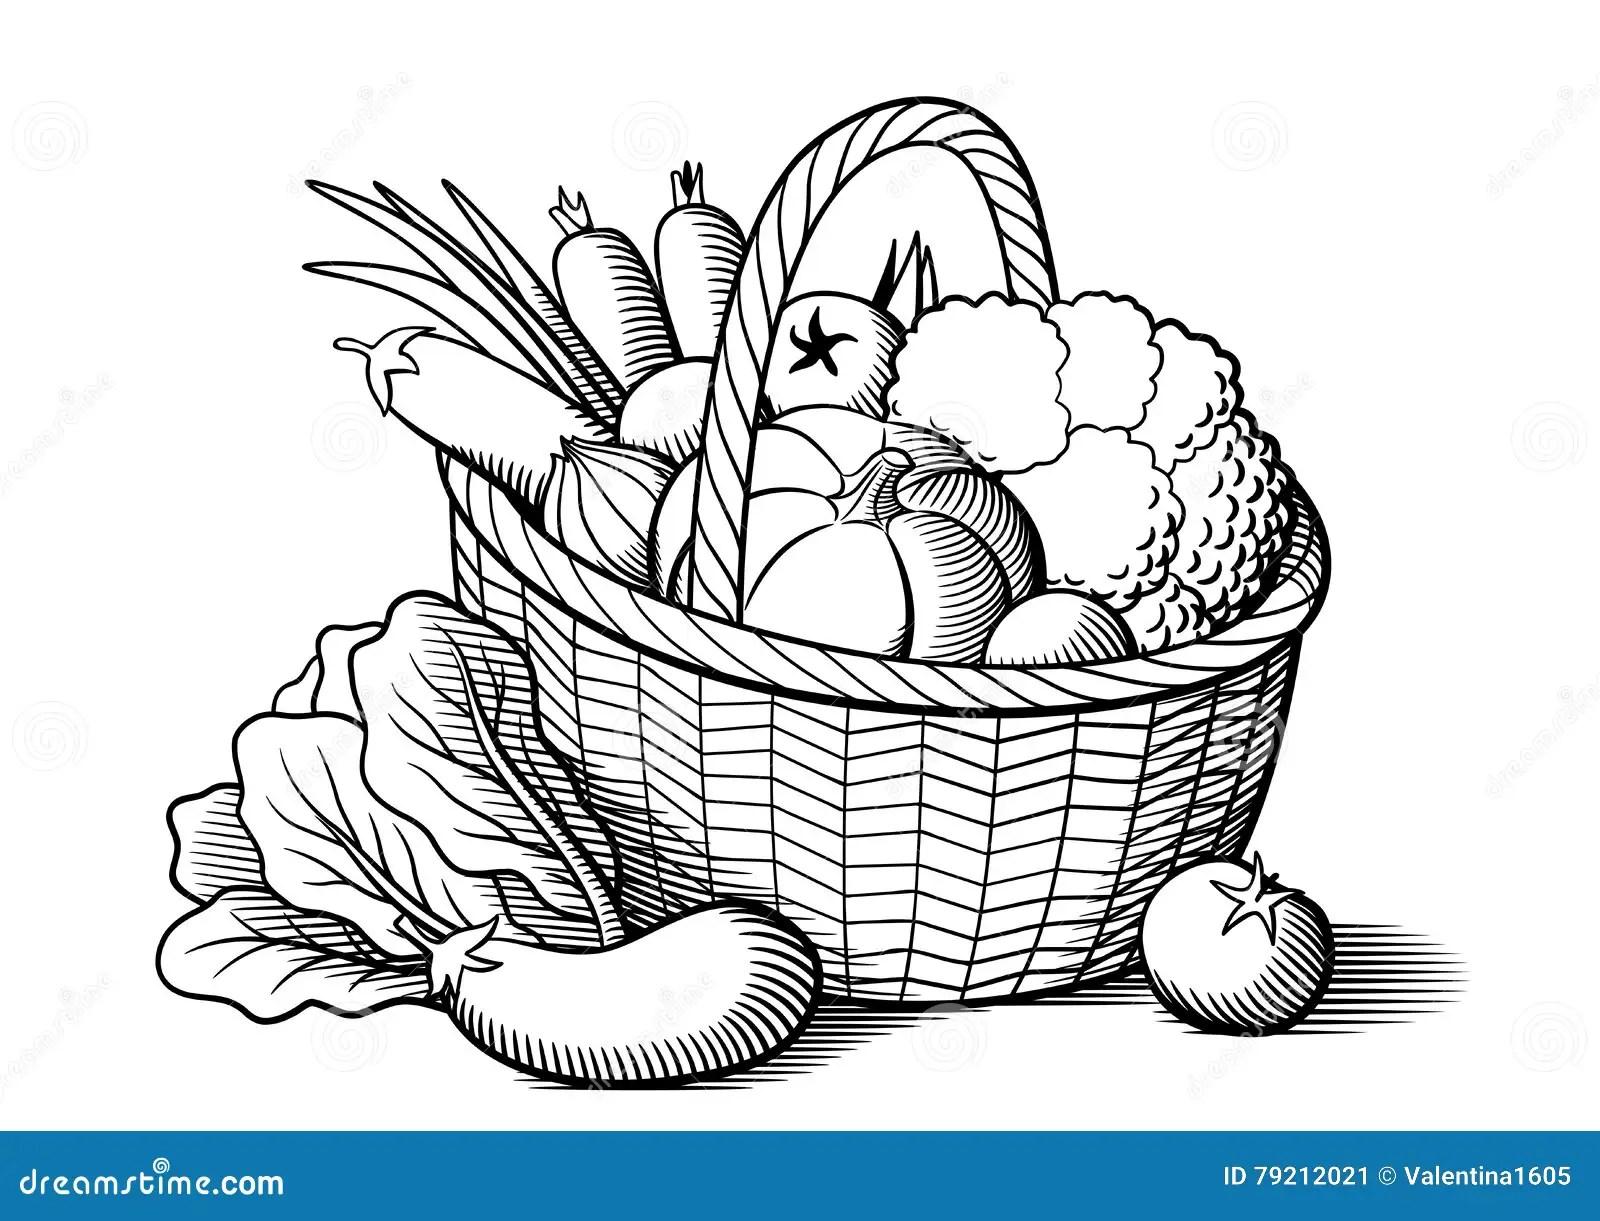 Cat In Fruit